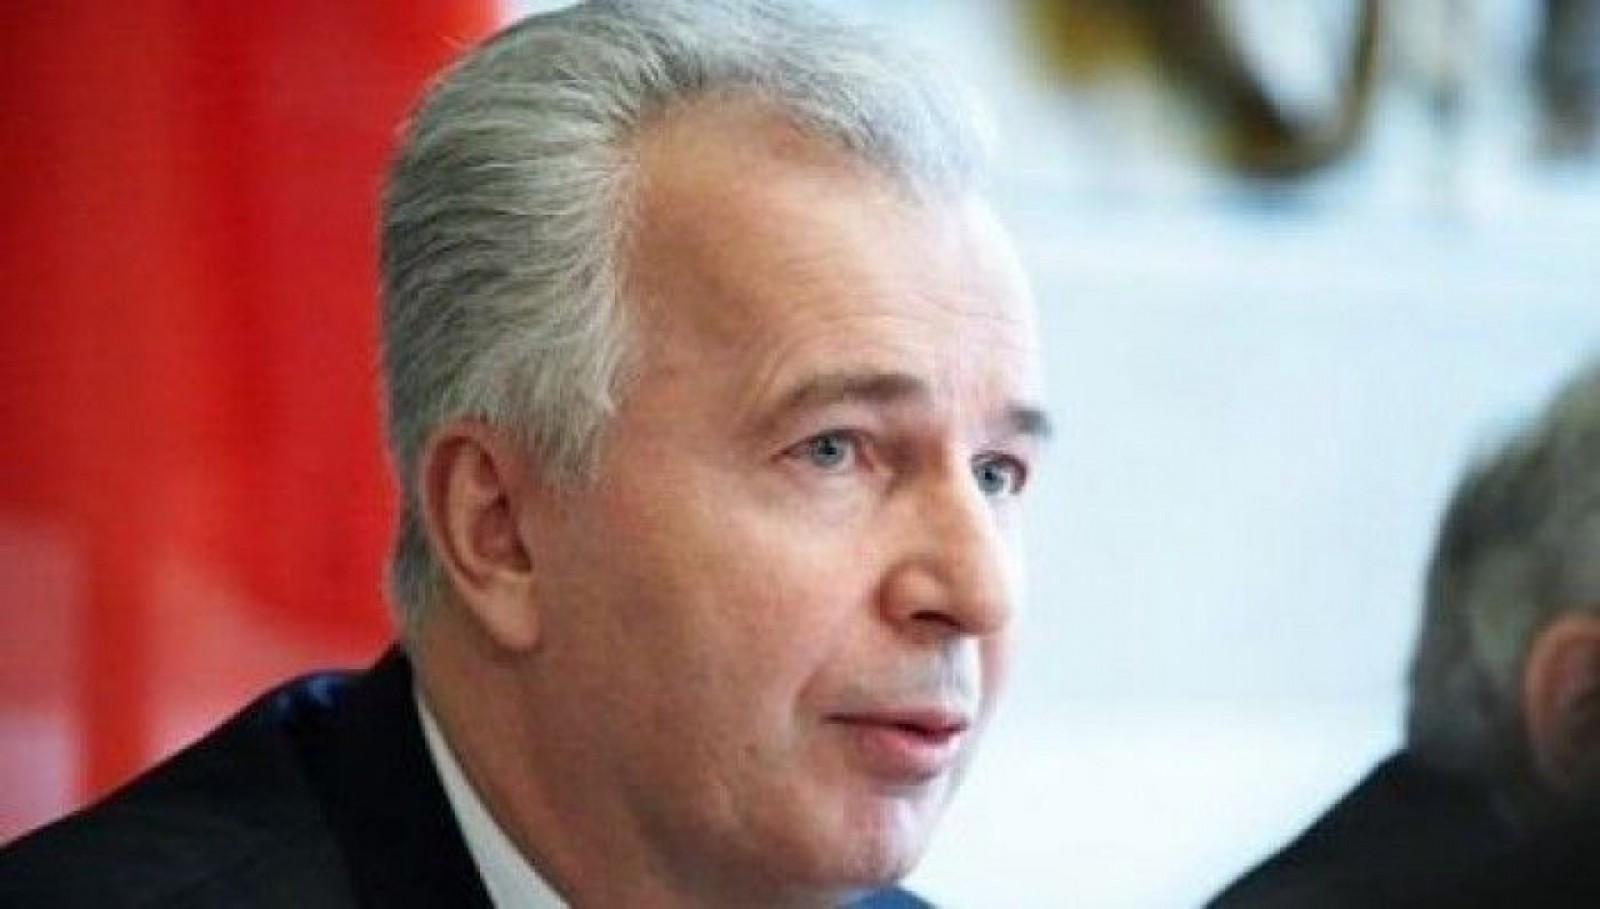 Dosarul Năstase: Controversatul judecător Ion Muruianu examinează cererea de recuzare a completului de judecată de la Curtea de Apel